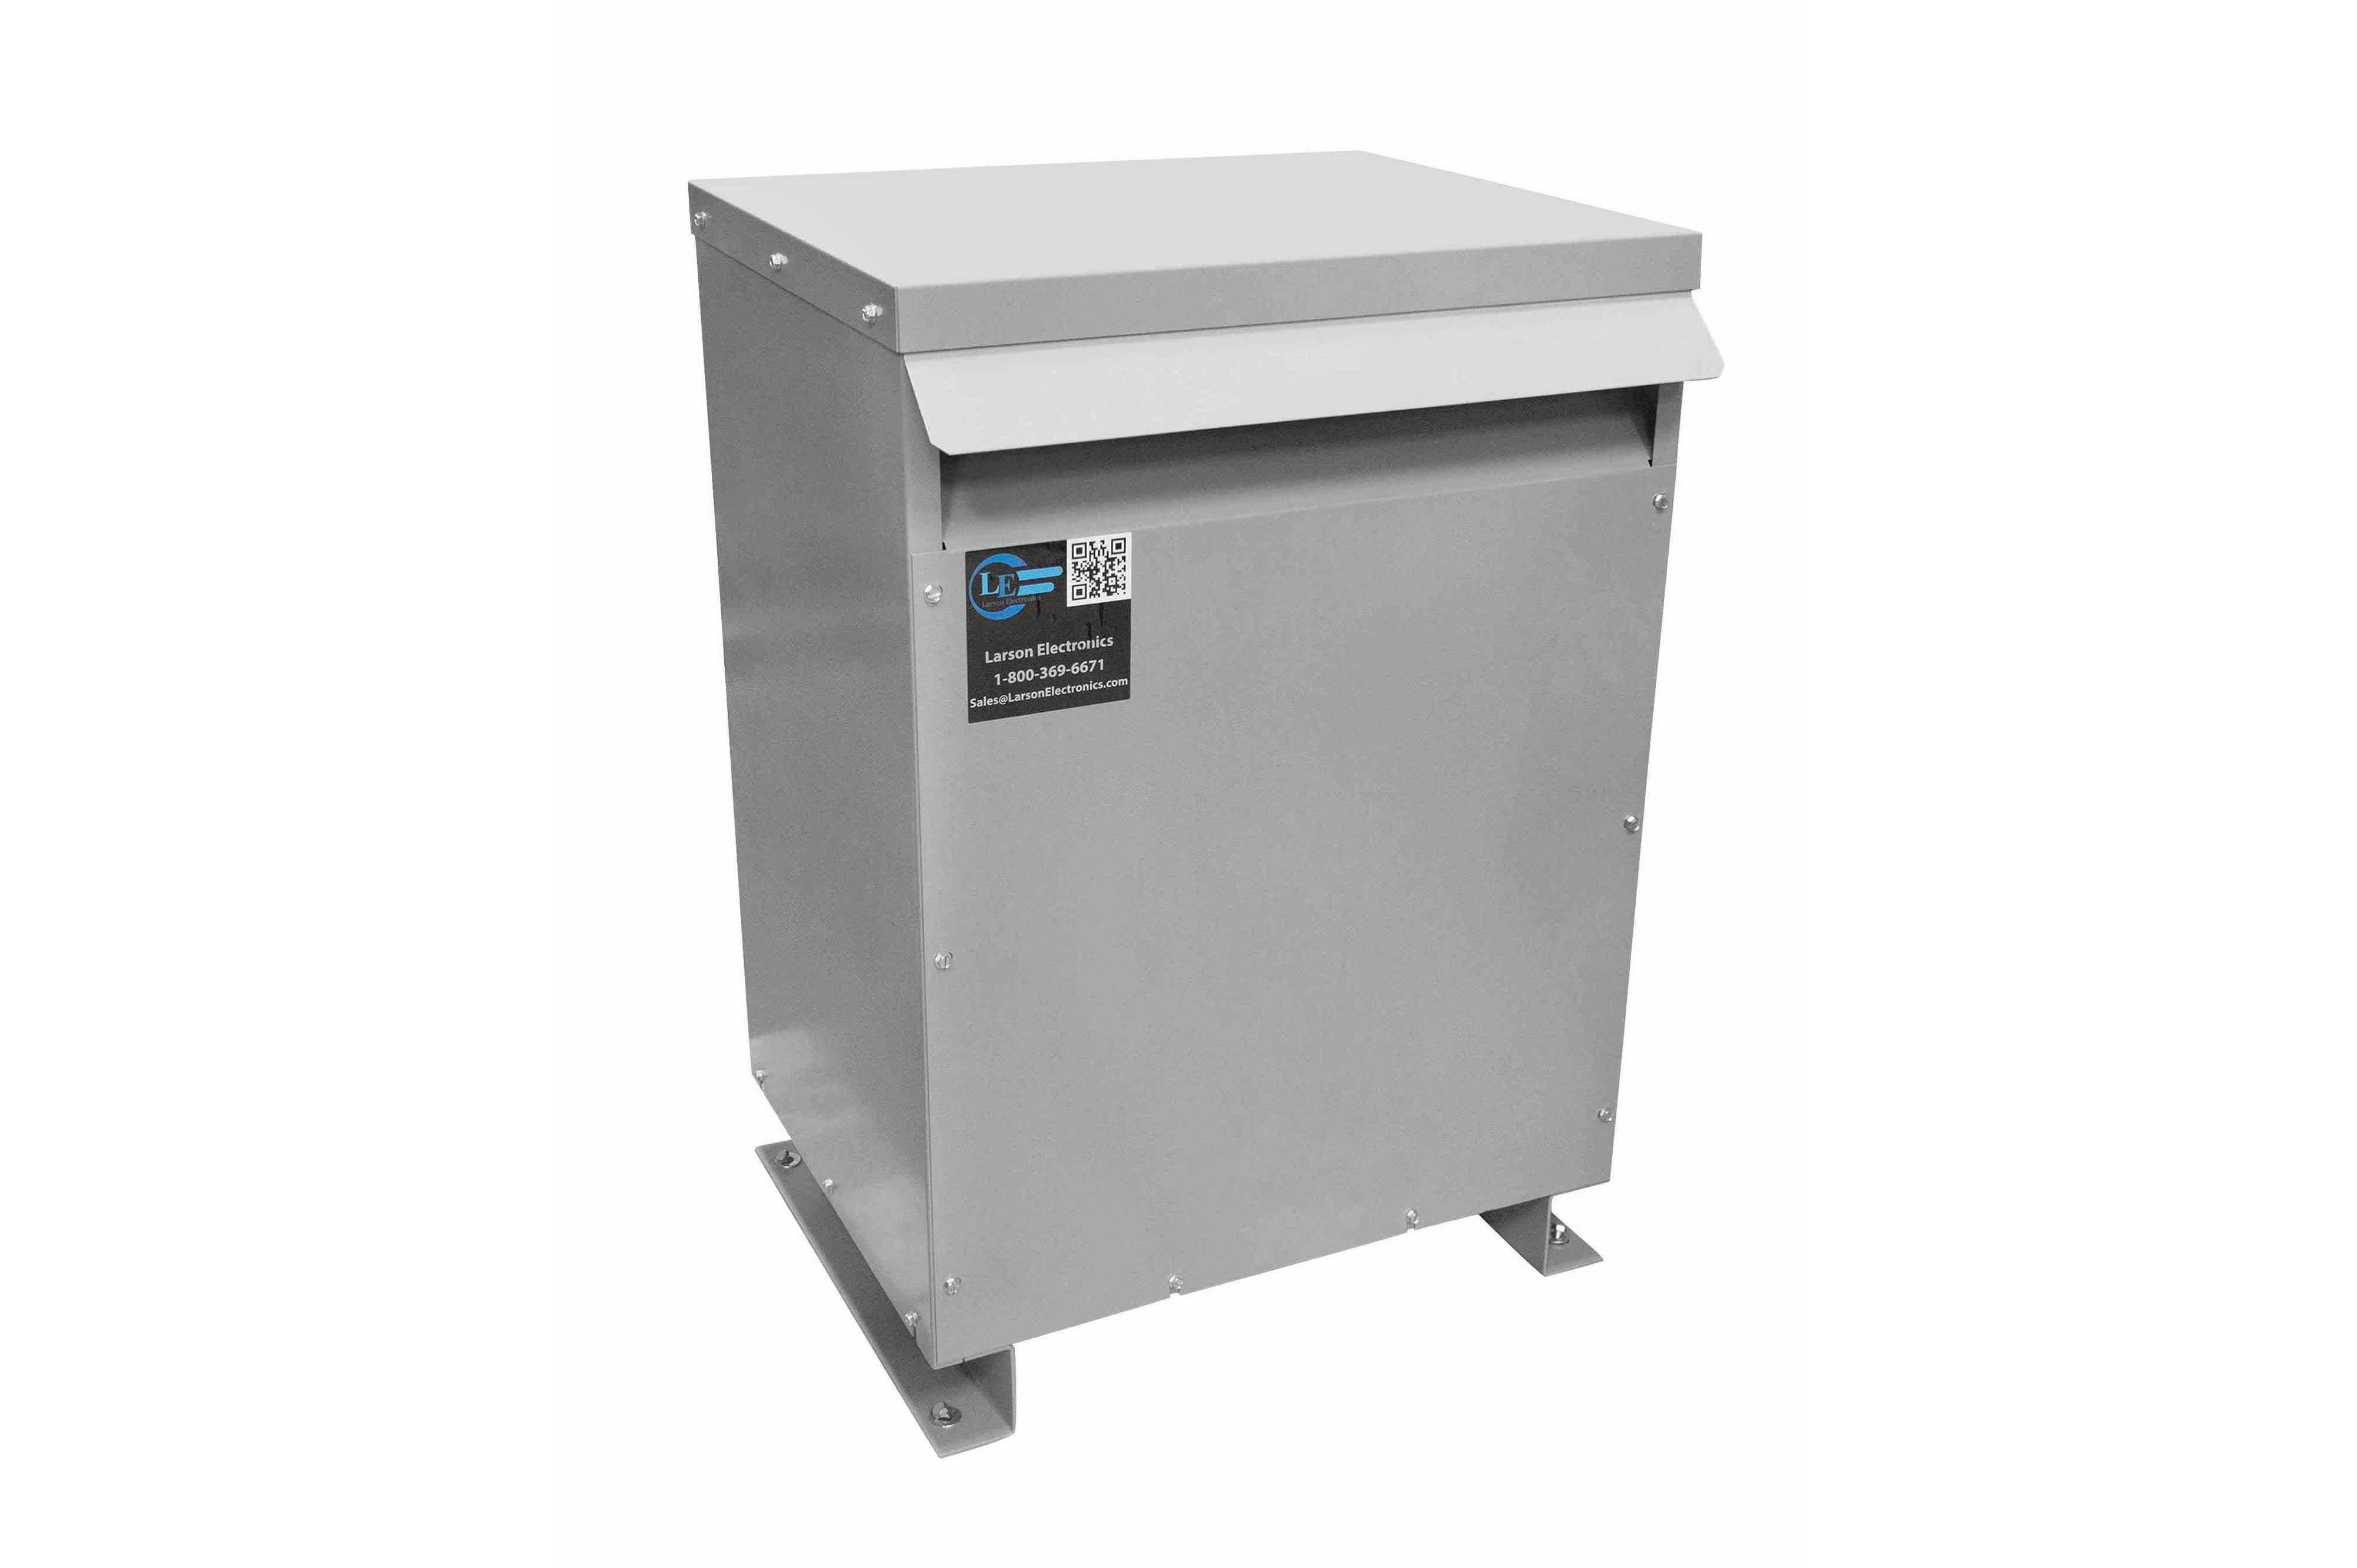 65 kVA 3PH Isolation Transformer, 460V Delta Primary, 380V Delta Secondary, N3R, Ventilated, 60 Hz